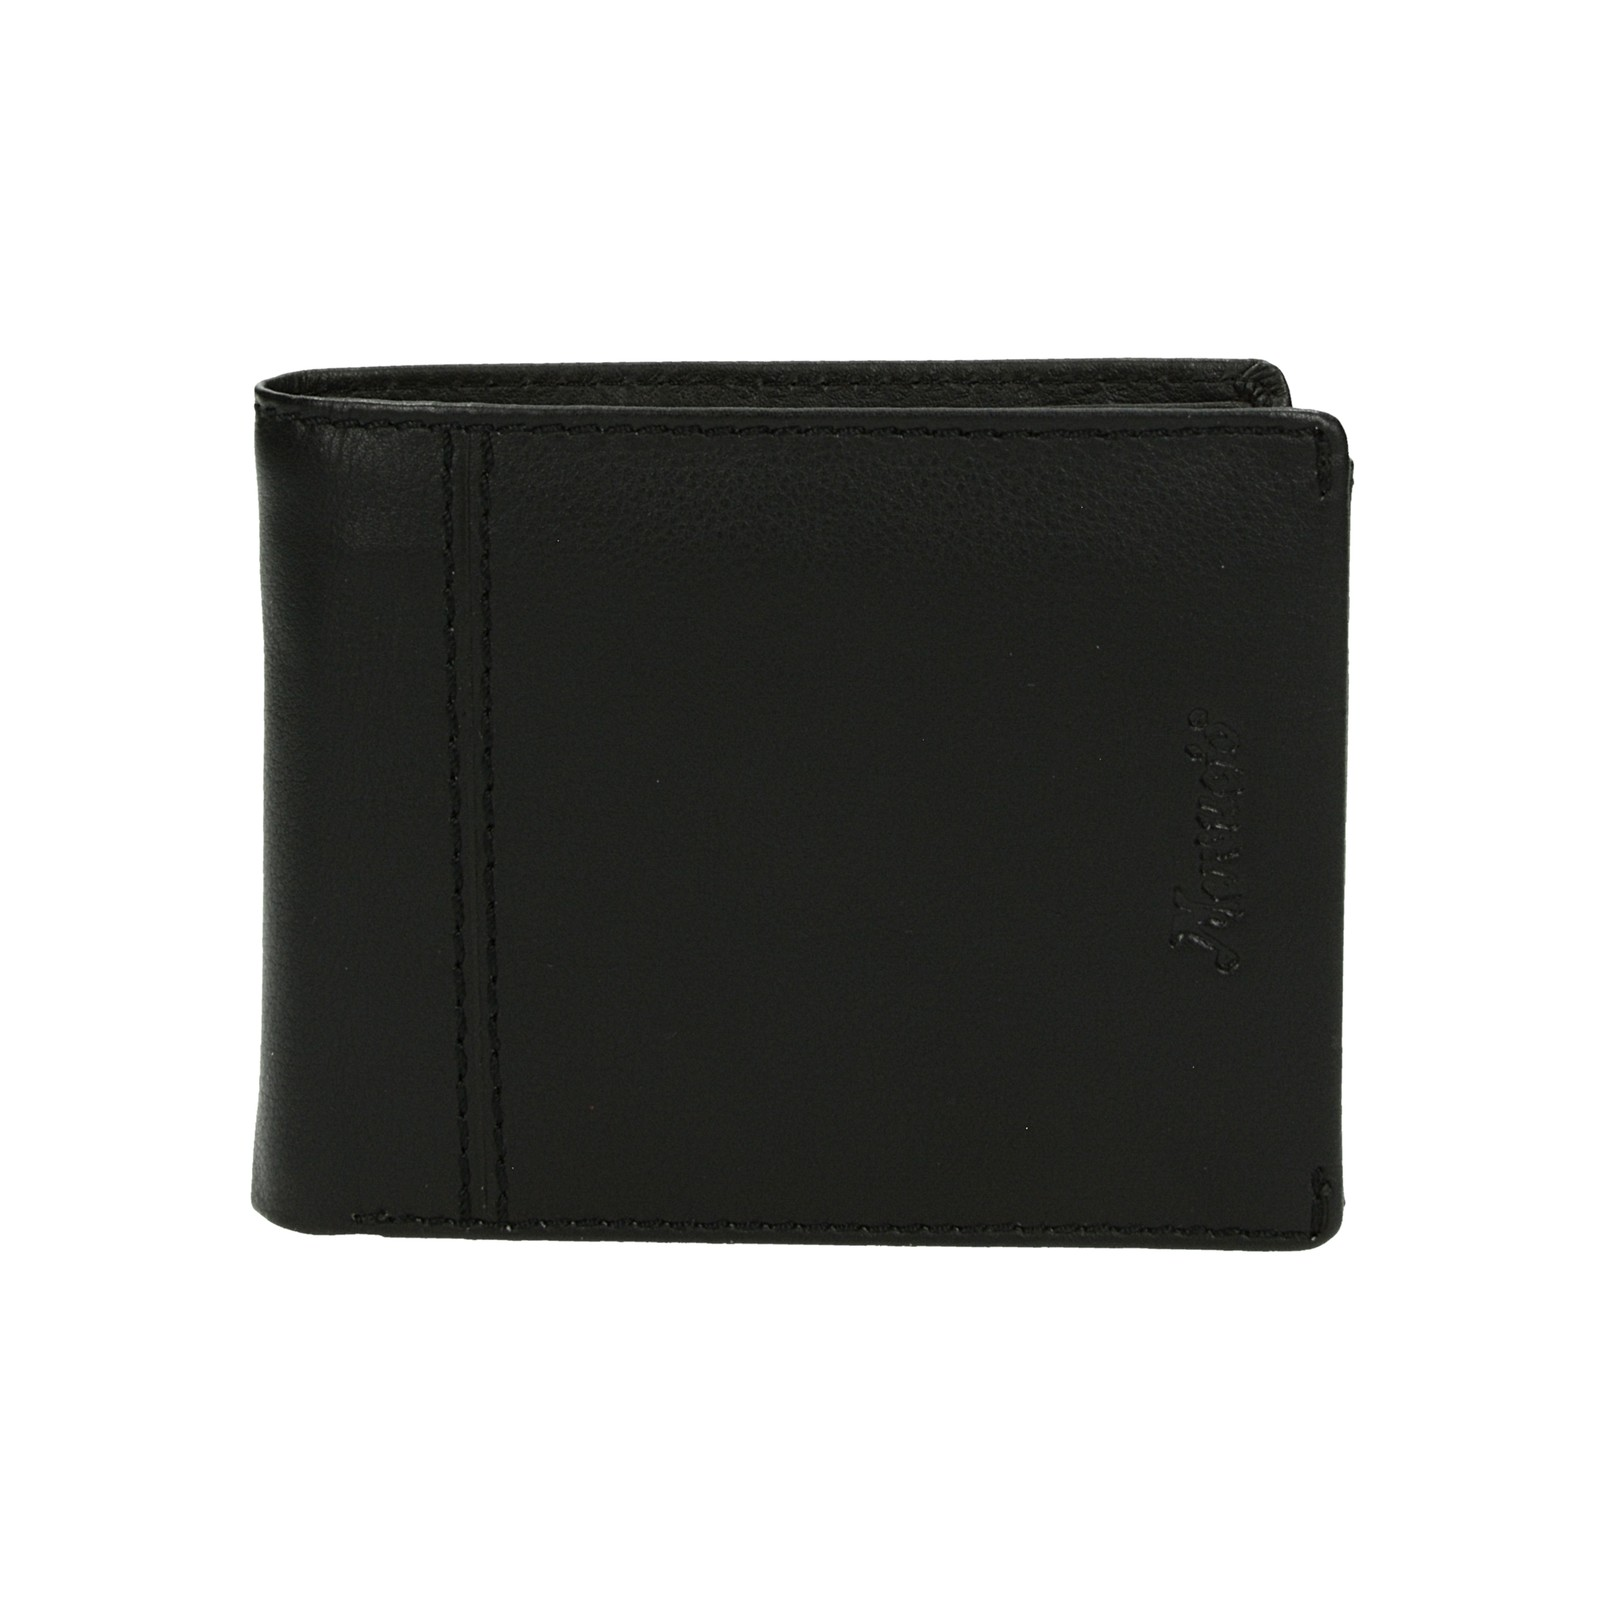 Mercucio pánska kožená praktická peňaženka - čierna